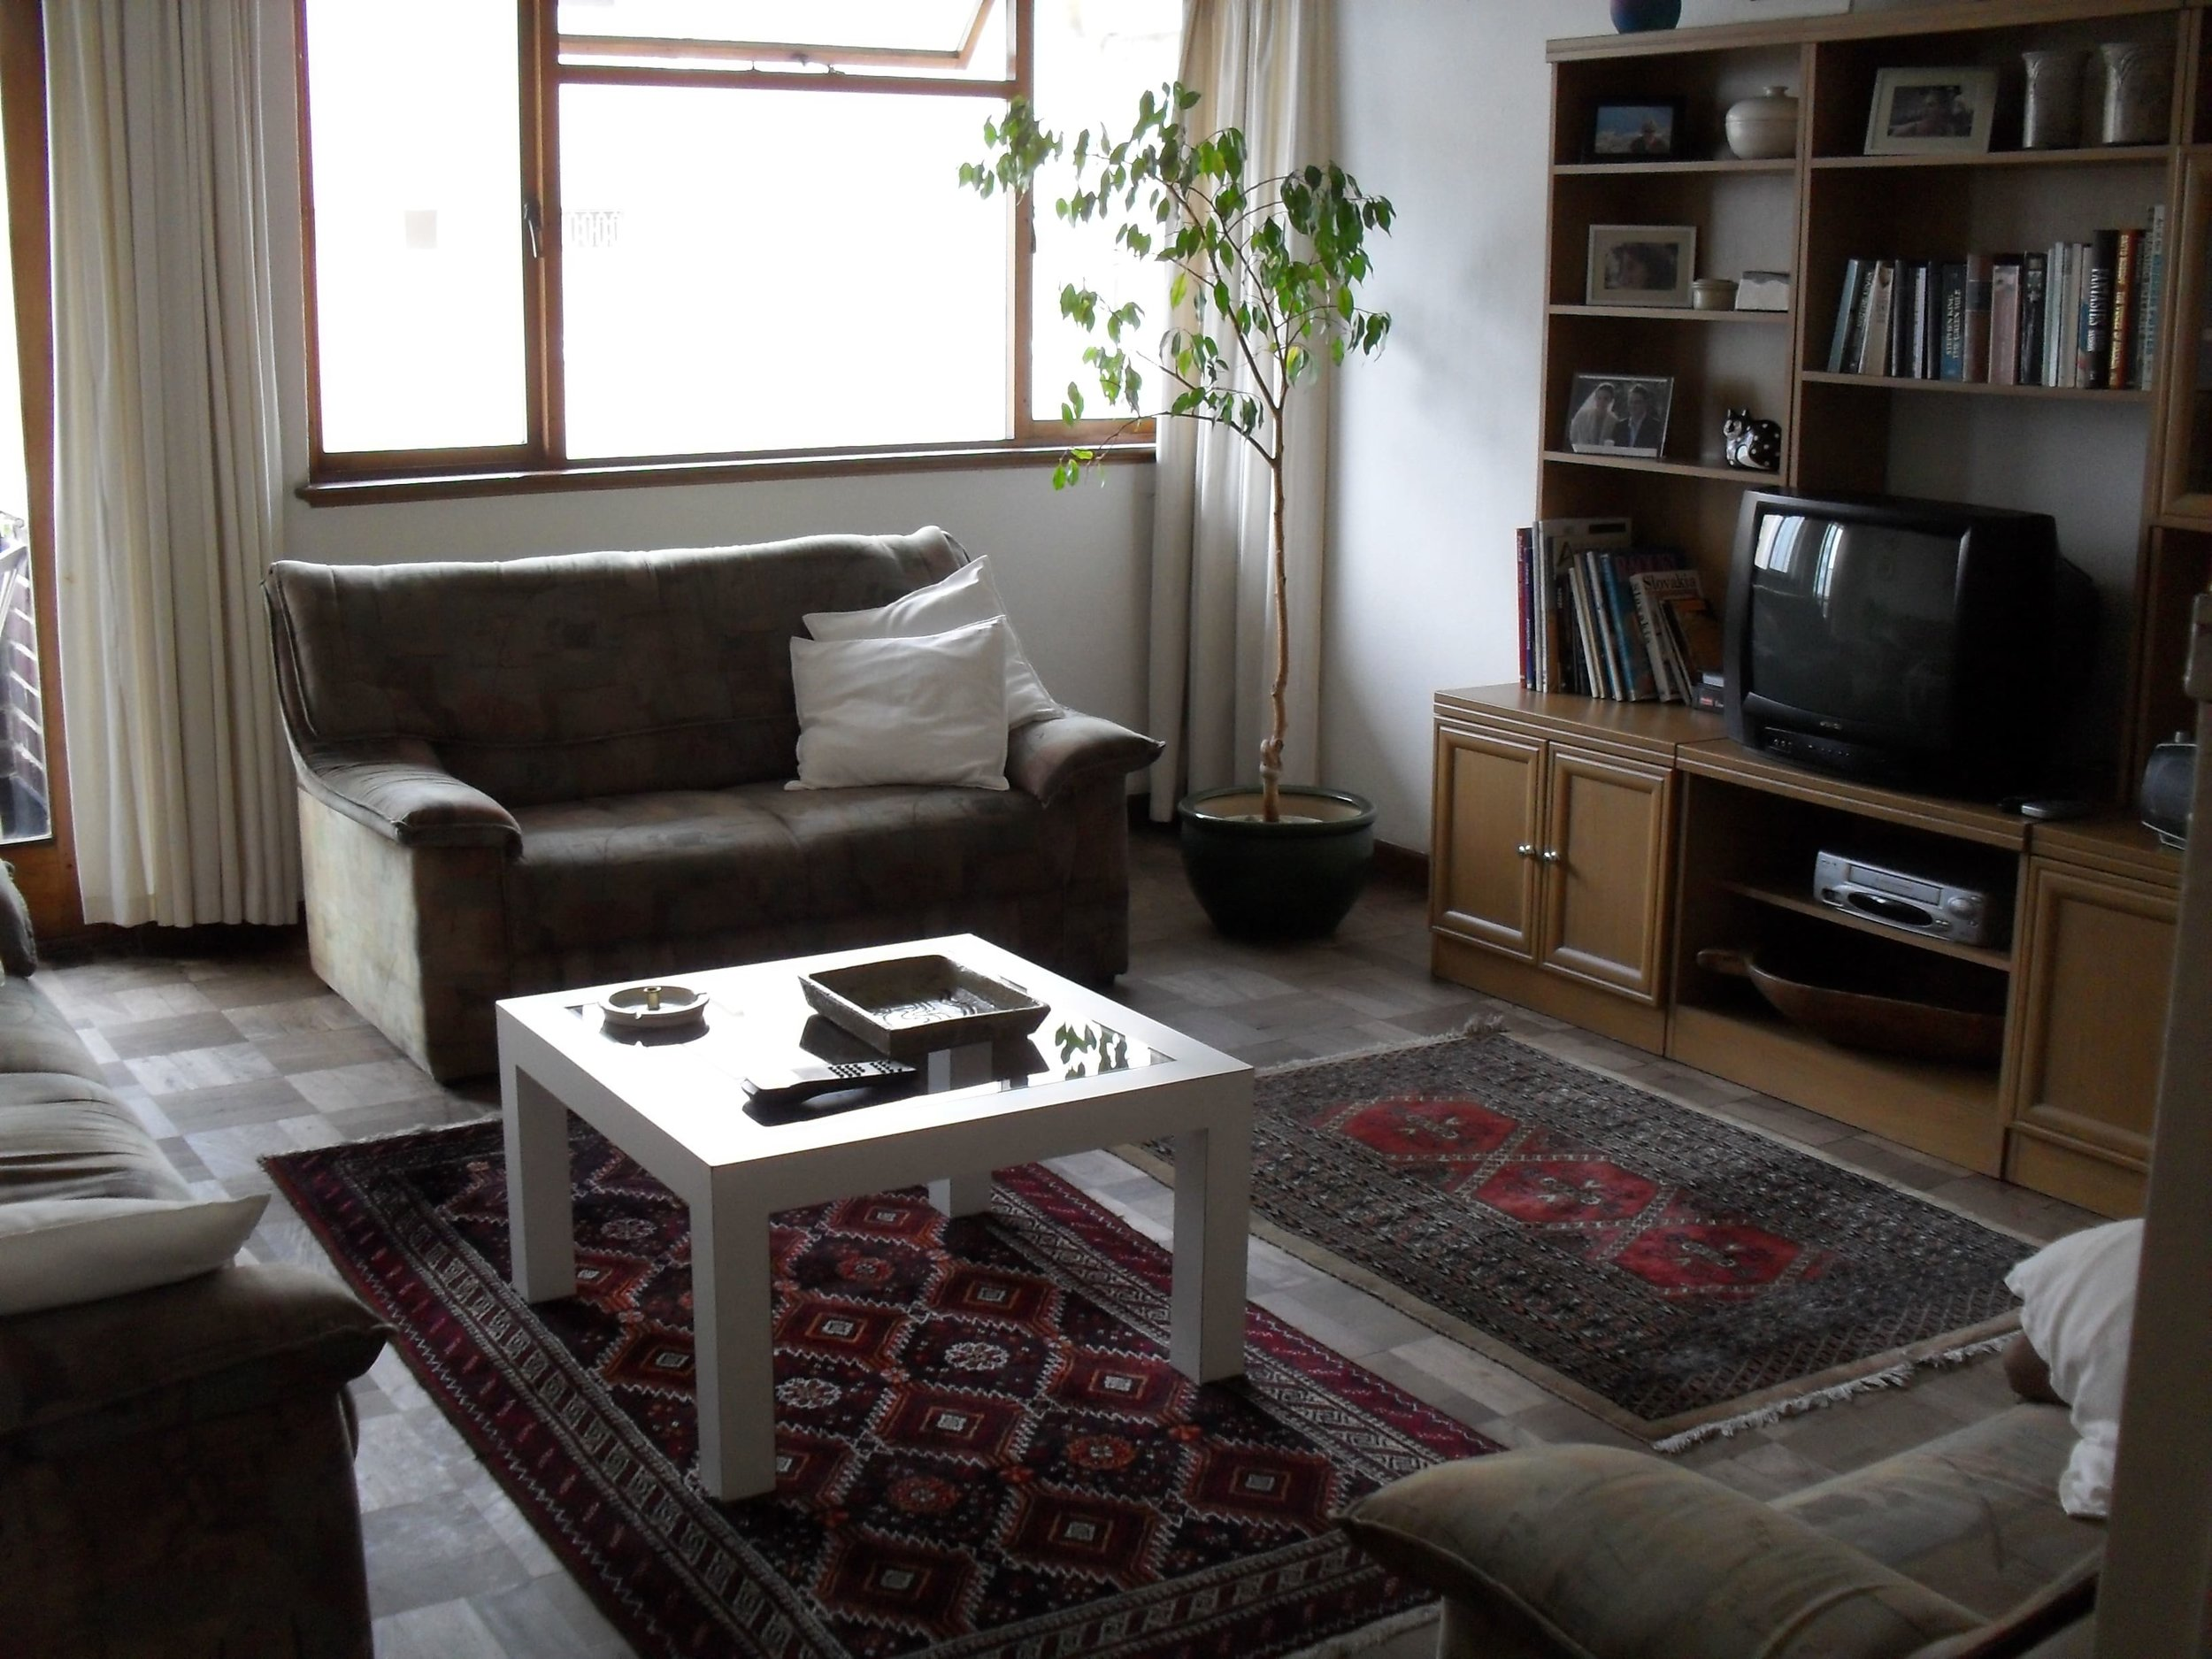 LAL-CPT-Accommodation-Host-Family-002-min.jpg